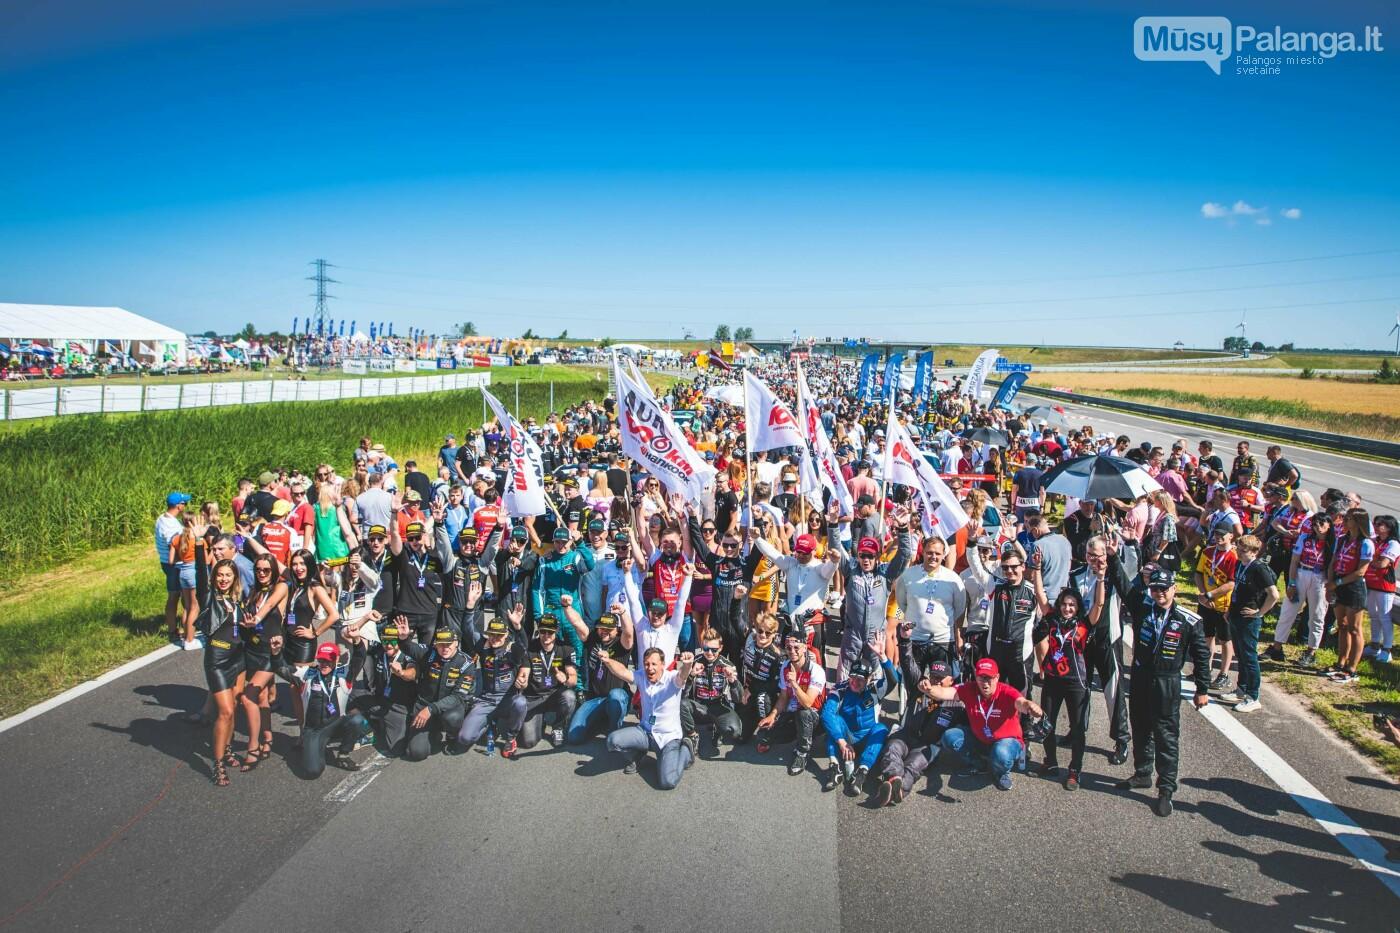 """Palangoje startavo """"Aurum 1006 km"""" lenktynės, nuotrauka-9, Vytauto PILKAUSKO ir Arno STRUMILOS nuotr."""